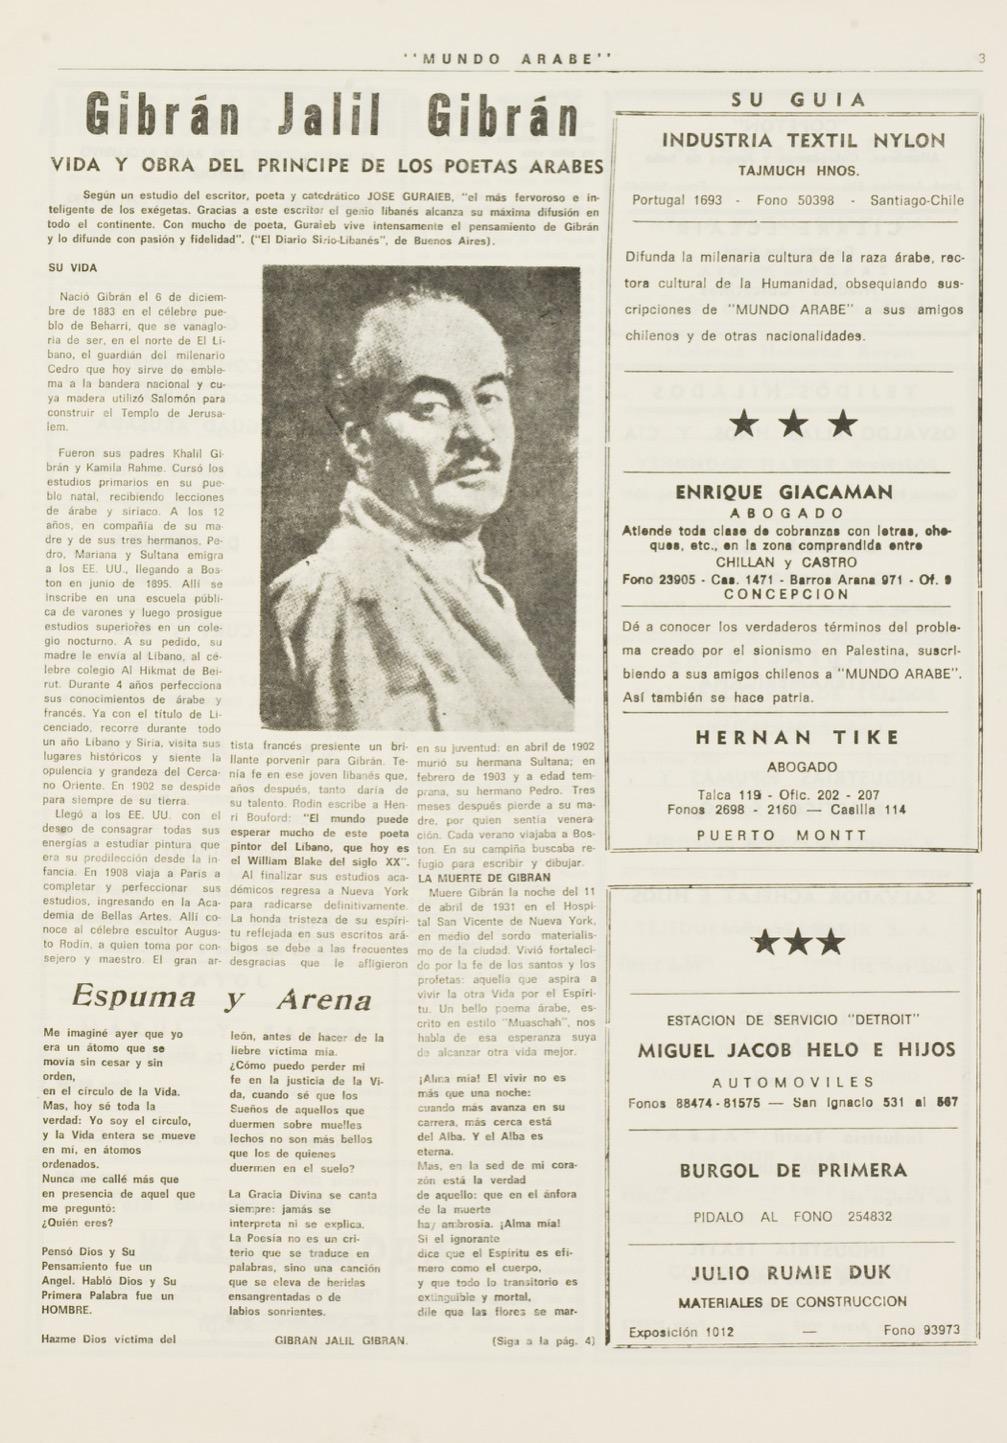 """""""Gibrán Jalil Gibrán: vida y obra del principe de los poetas arabes"""", Mundo Árabe, Nov 15, 1972, pp. 3-4."""